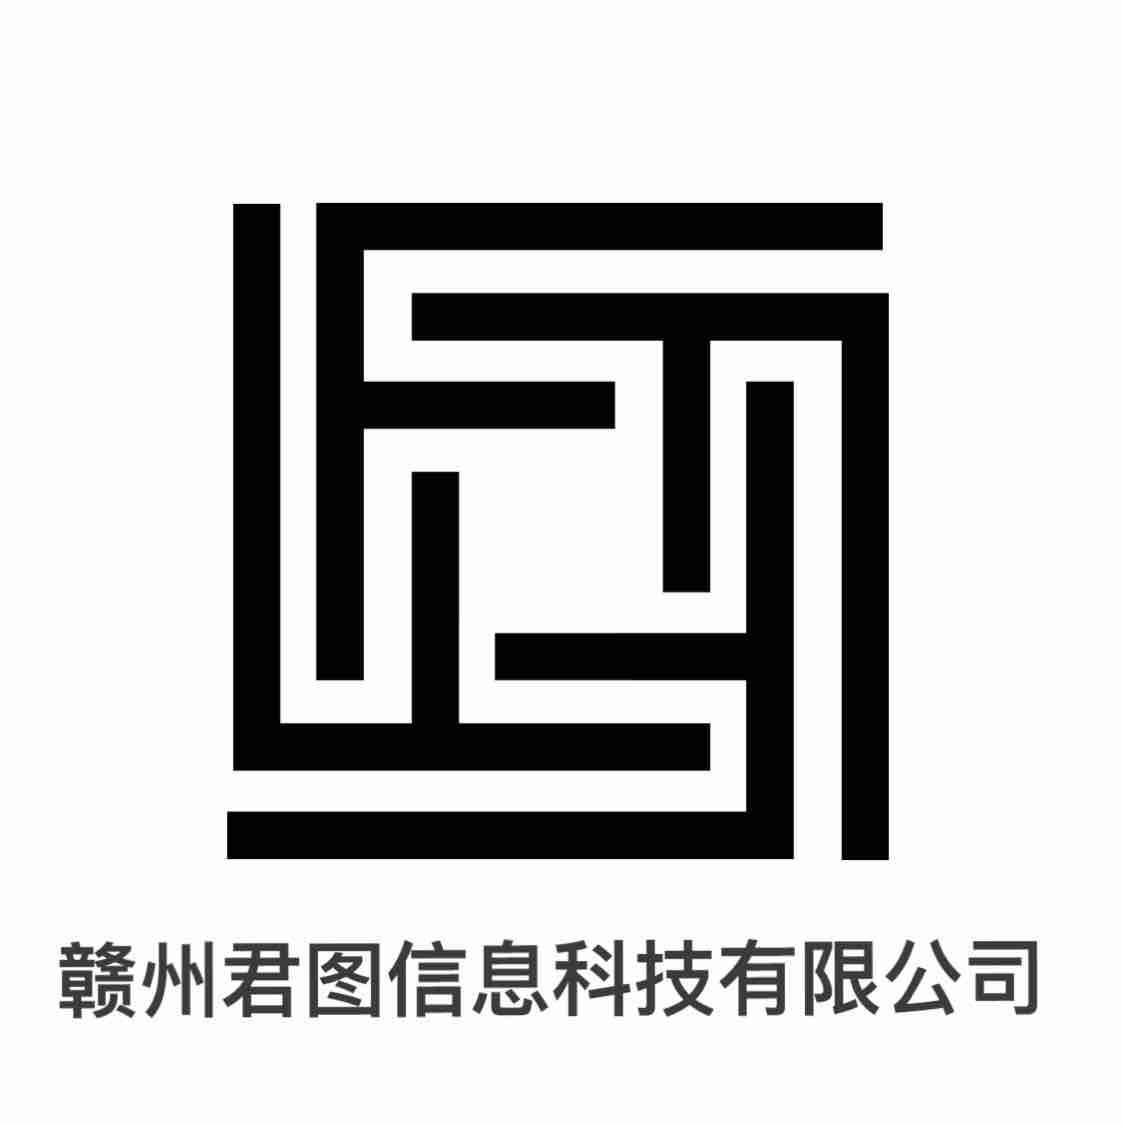 君图信息科技有限澳门太阳城注册